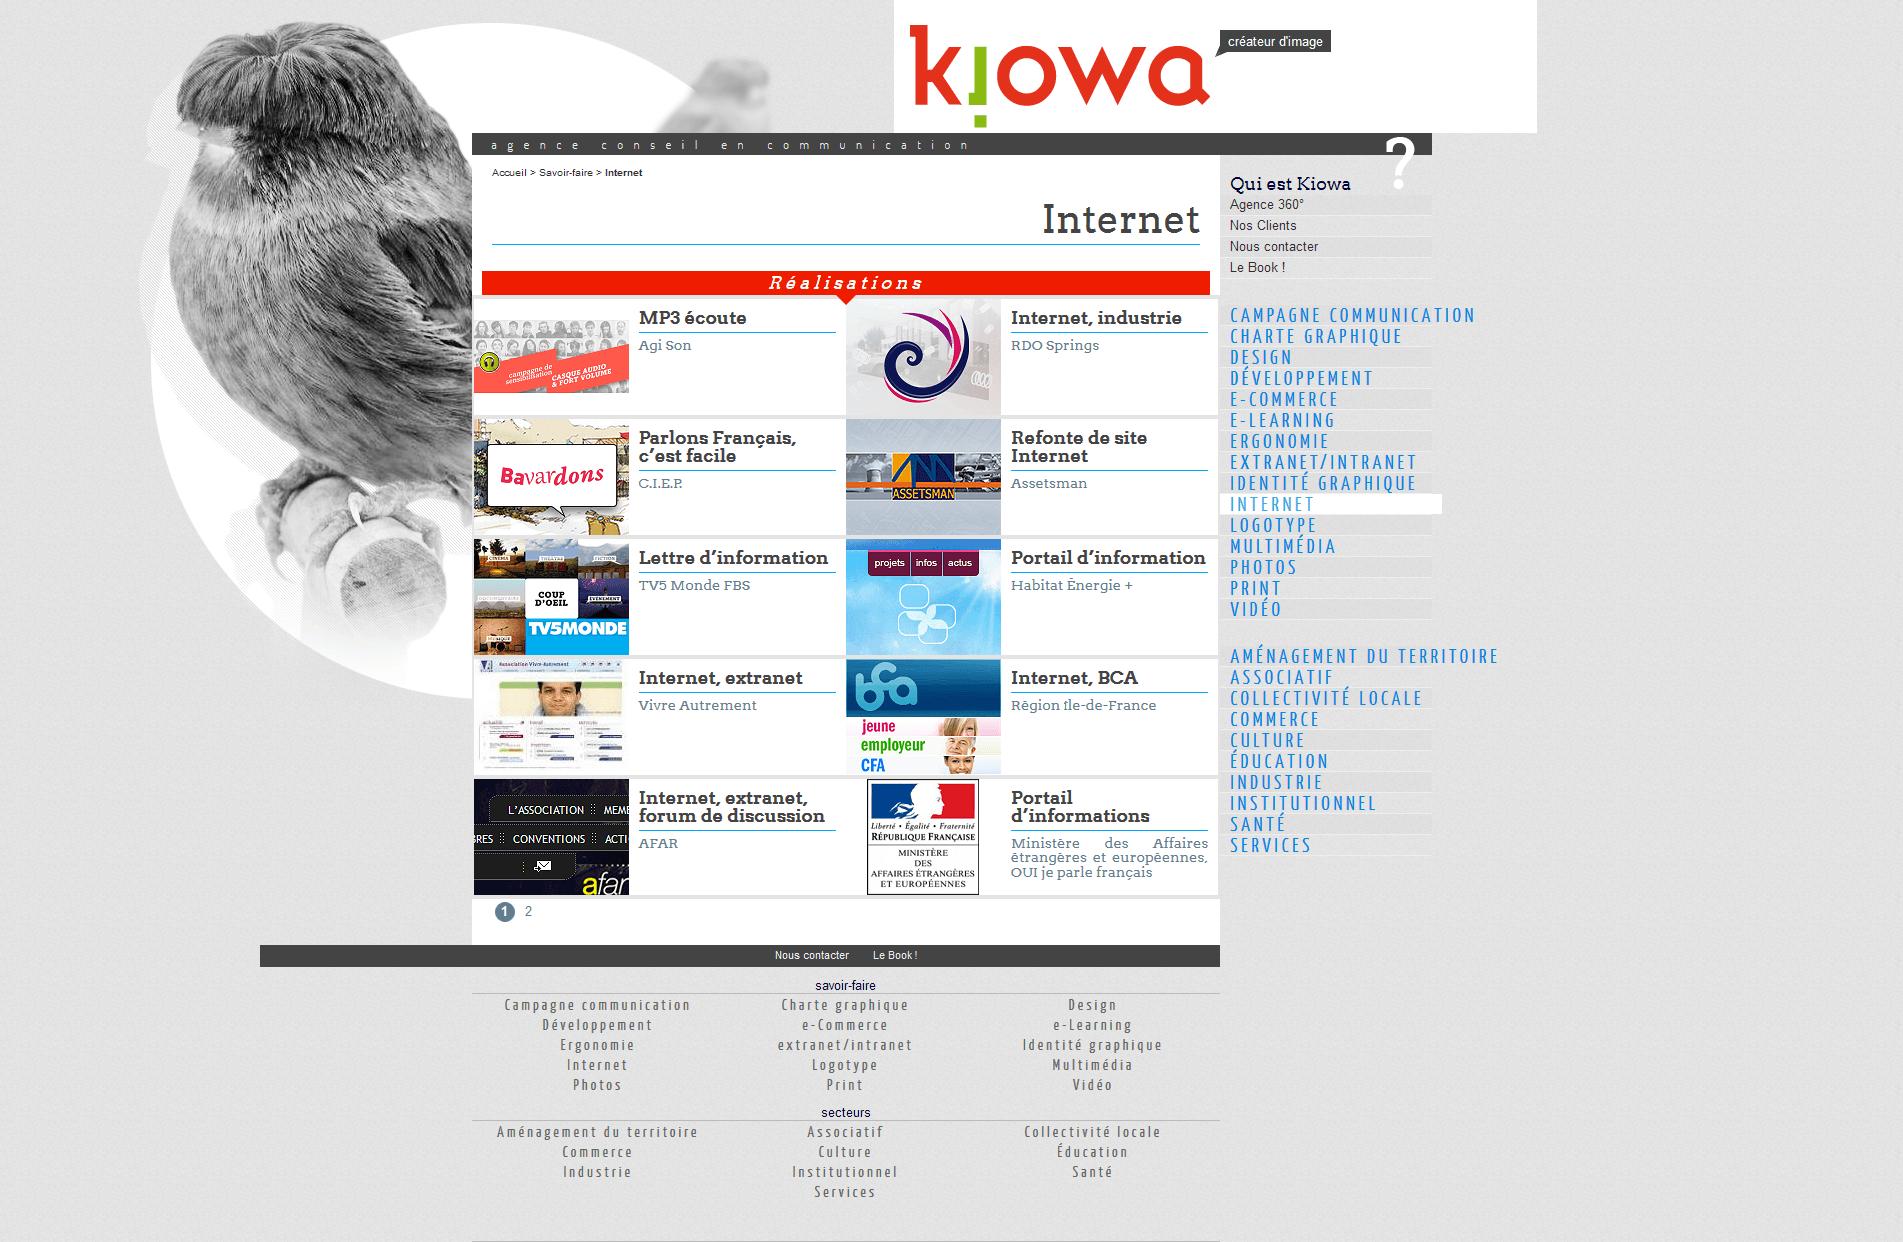 Kiowa, créateur d'image